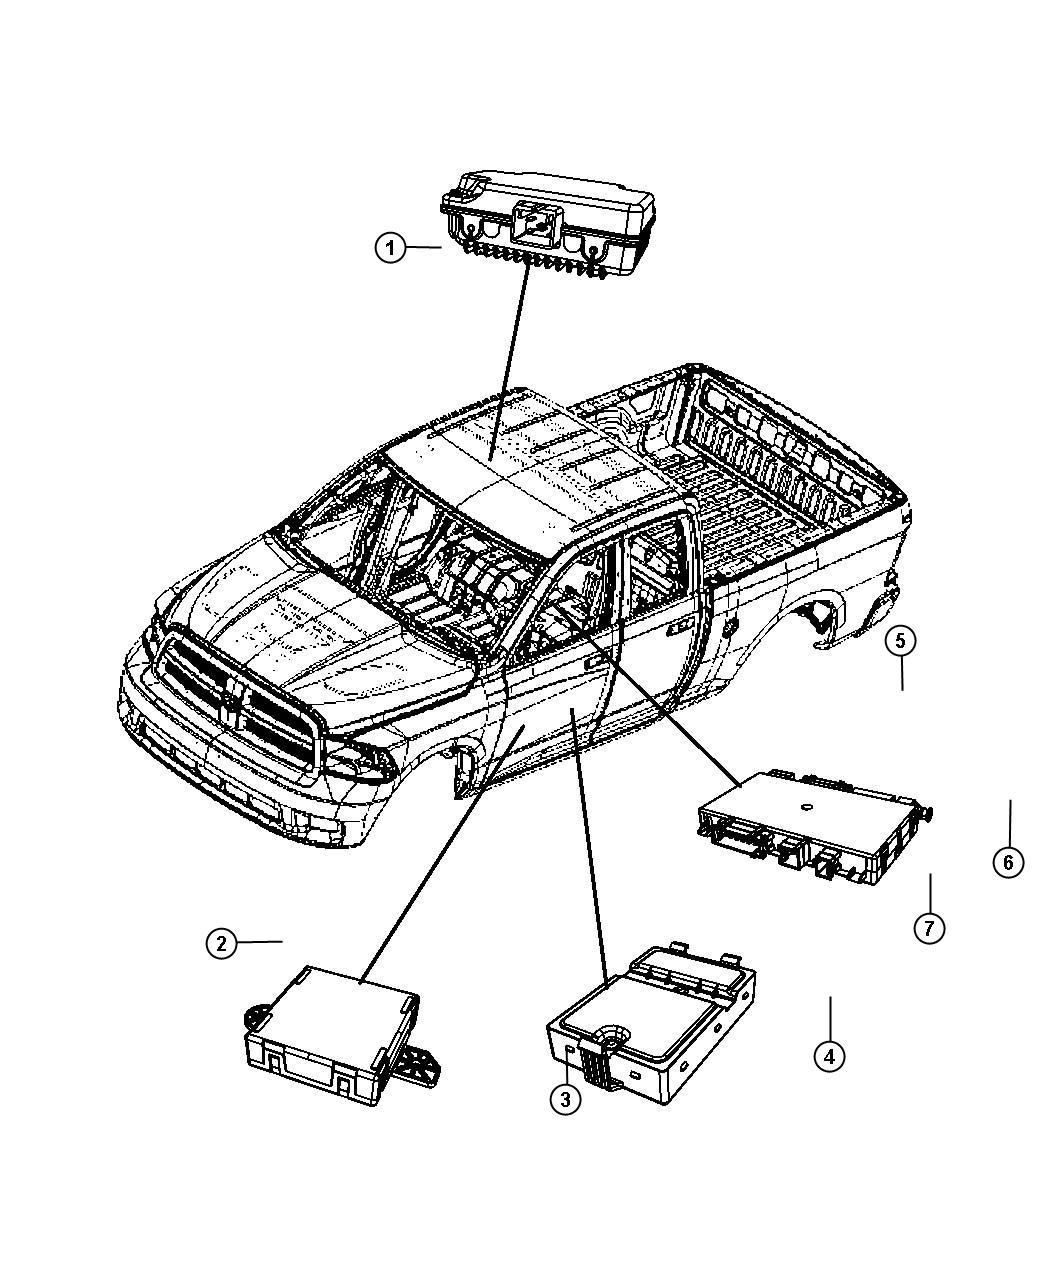 Ram 3500 Module  Diesel Exhaust Fluid   Selective Catalytic Reduction  Urea    New